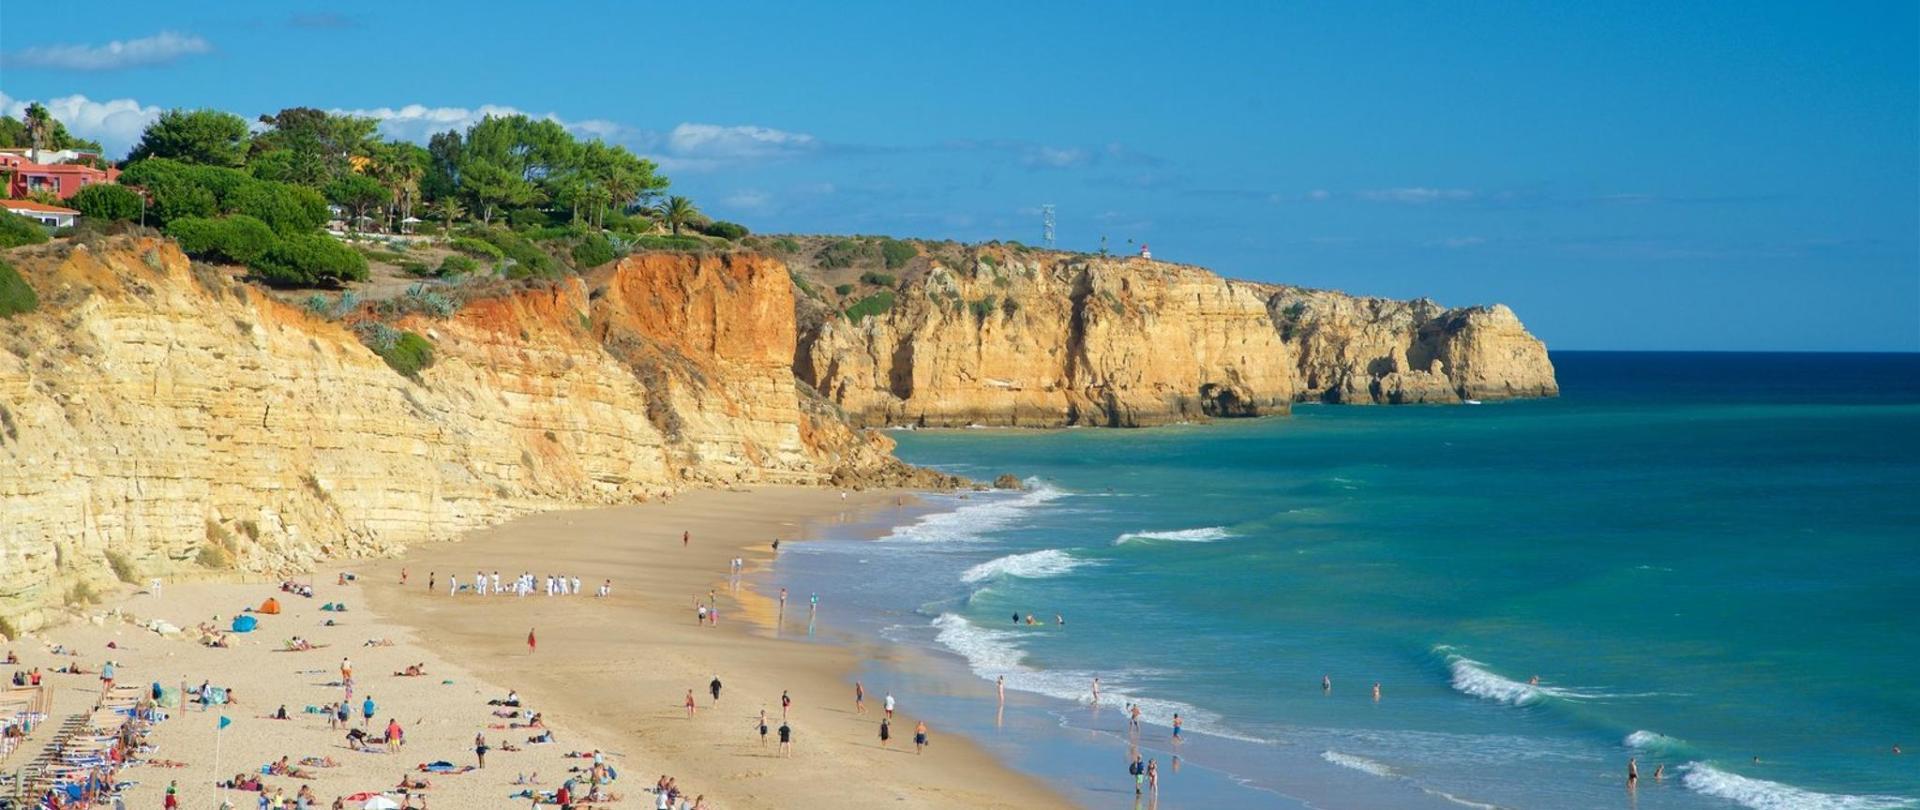 233384-Porto-De-Mos-Beach.jpg